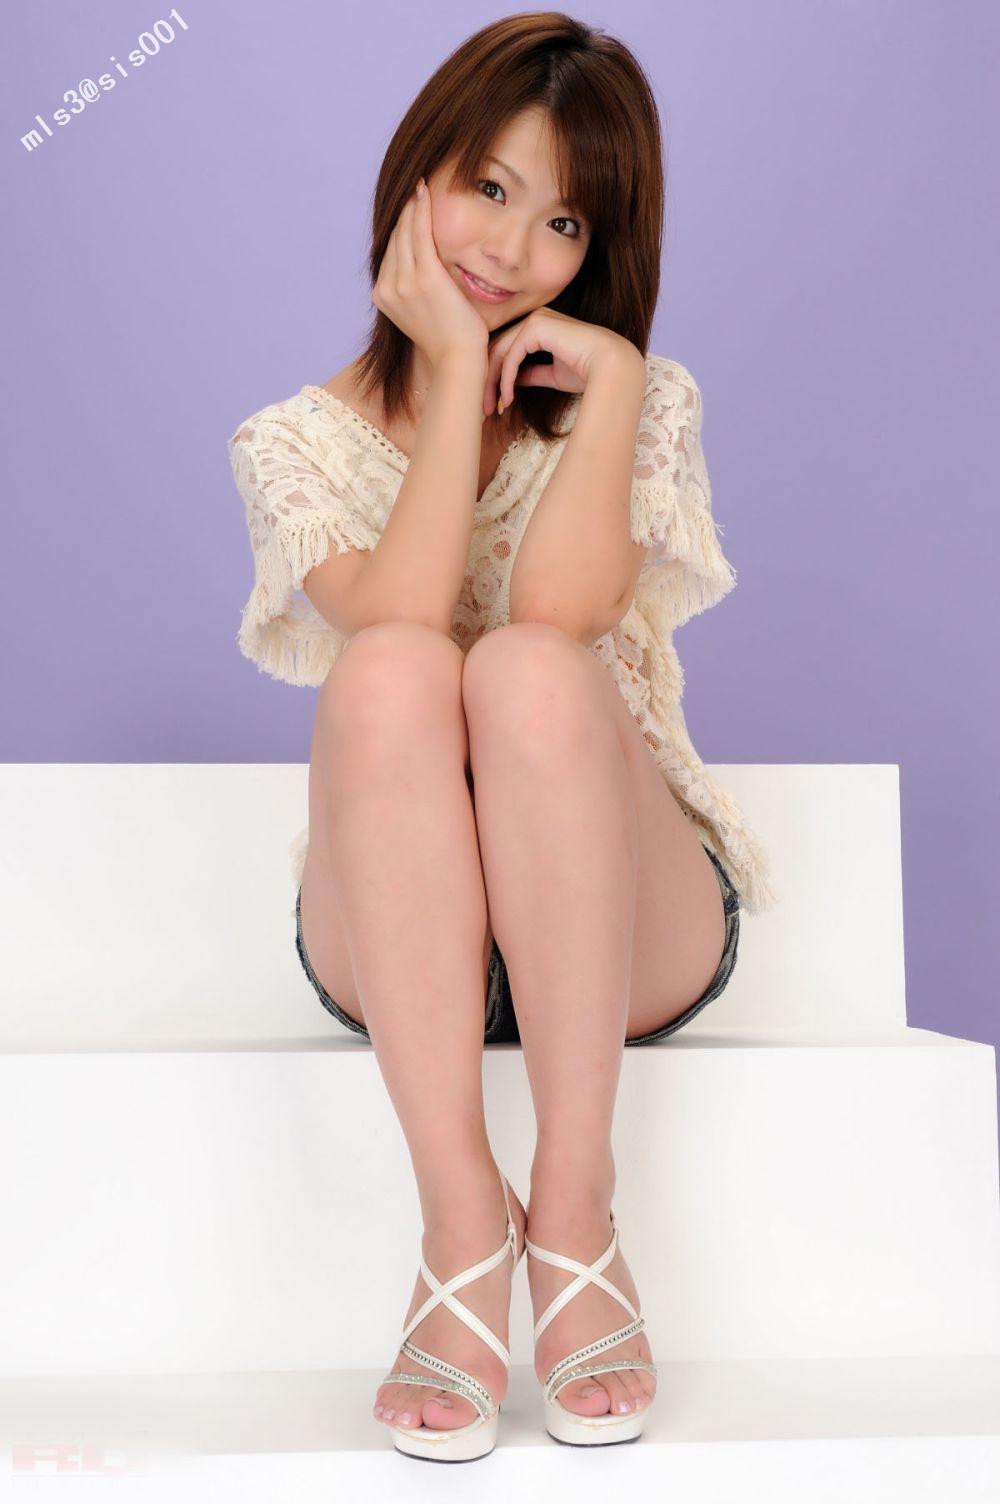 休闲装美女的裸腿